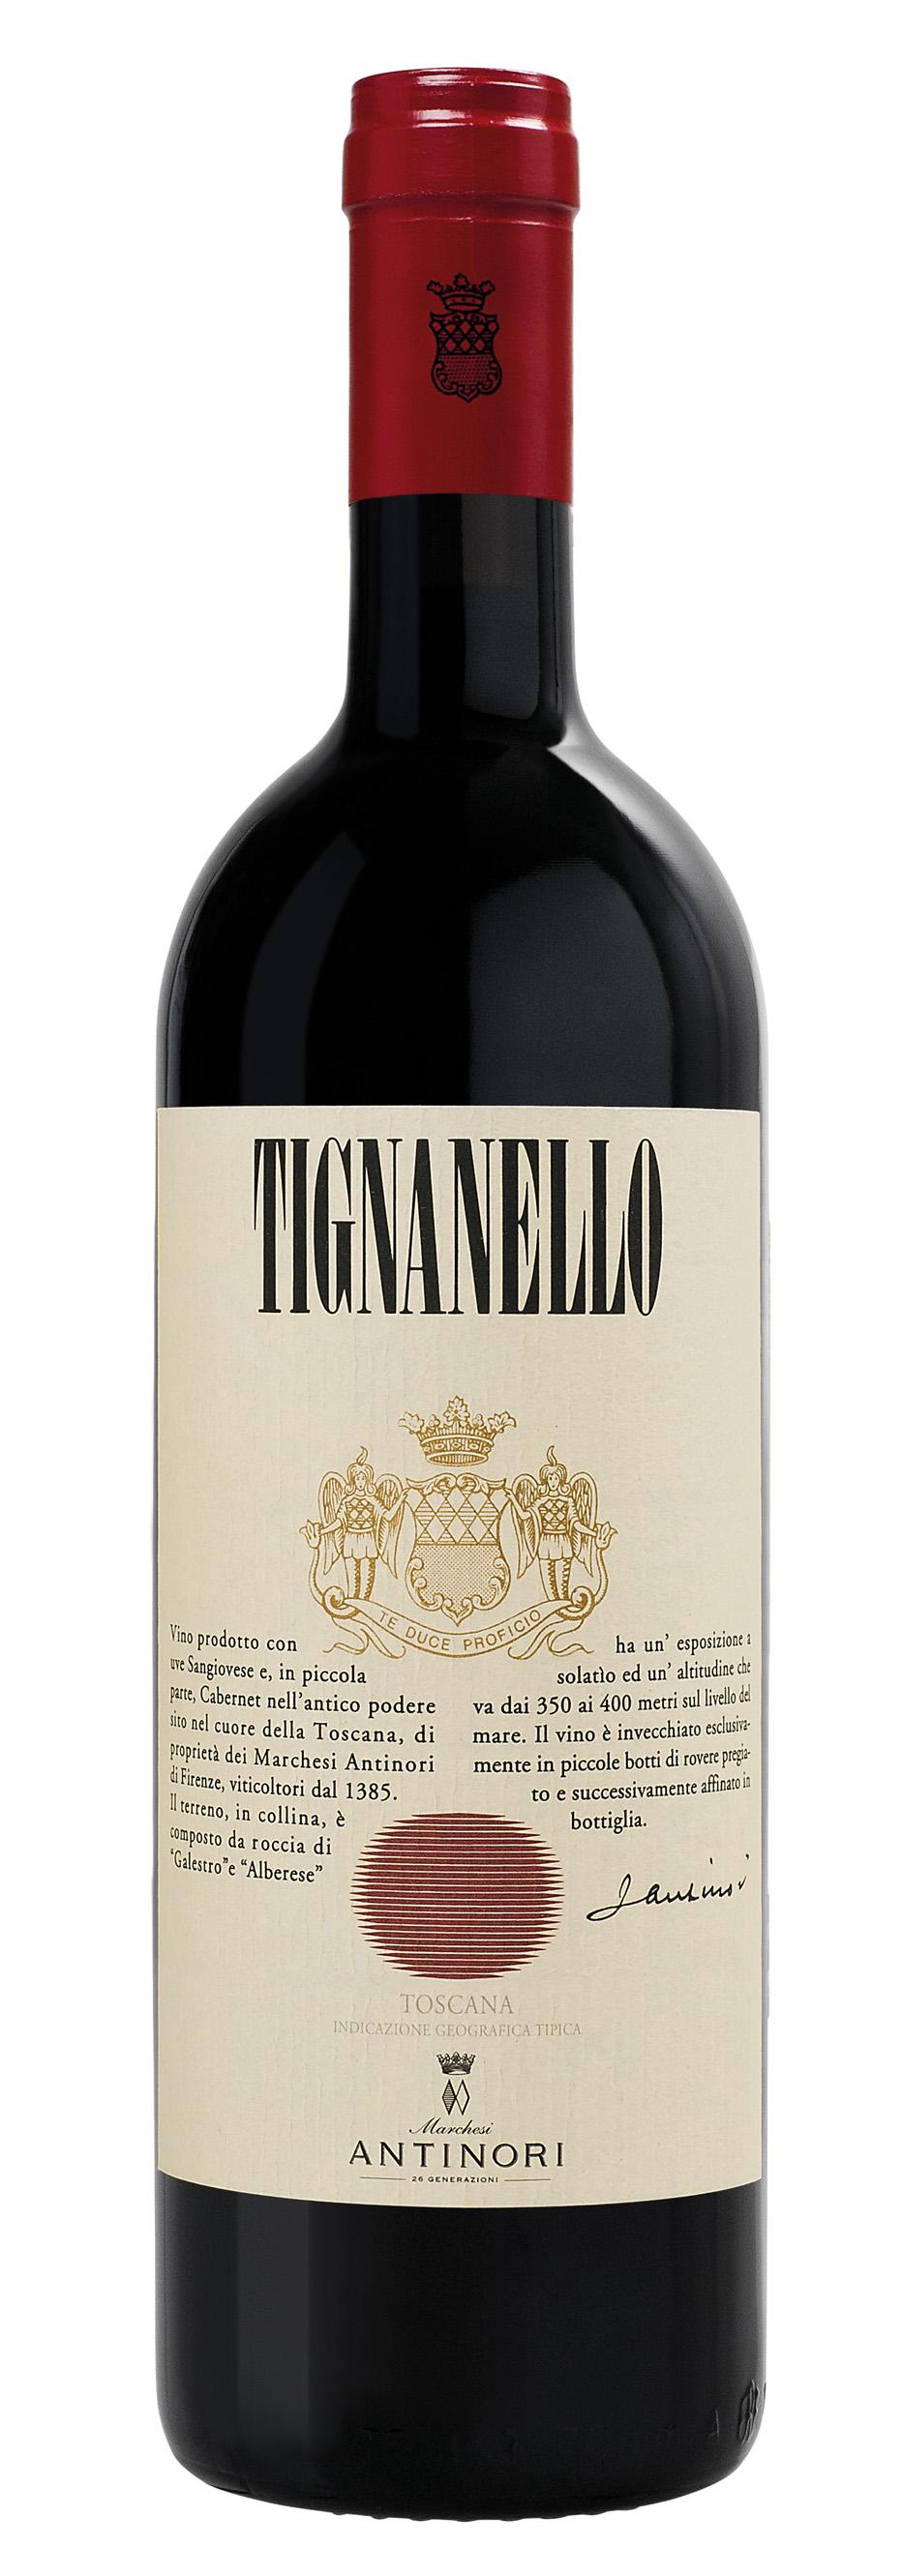 Tignanello 2013